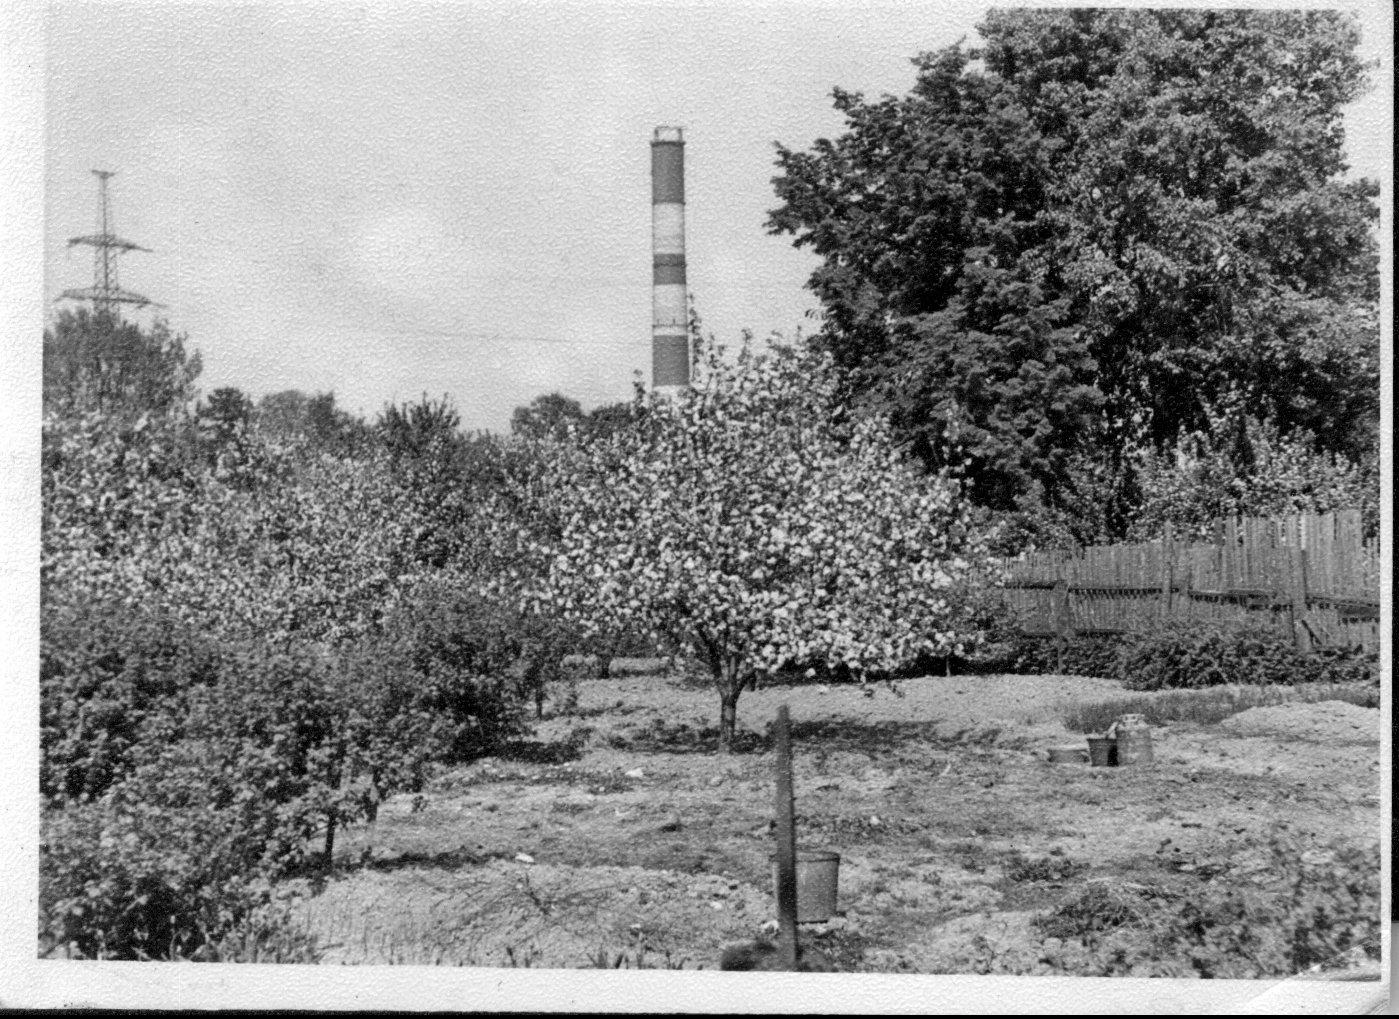 1972 Яблоневый сад. Москва, деревня Очаково, дом 64 (ныне это территория бизнес-центра West-парк). Ольга Королькова